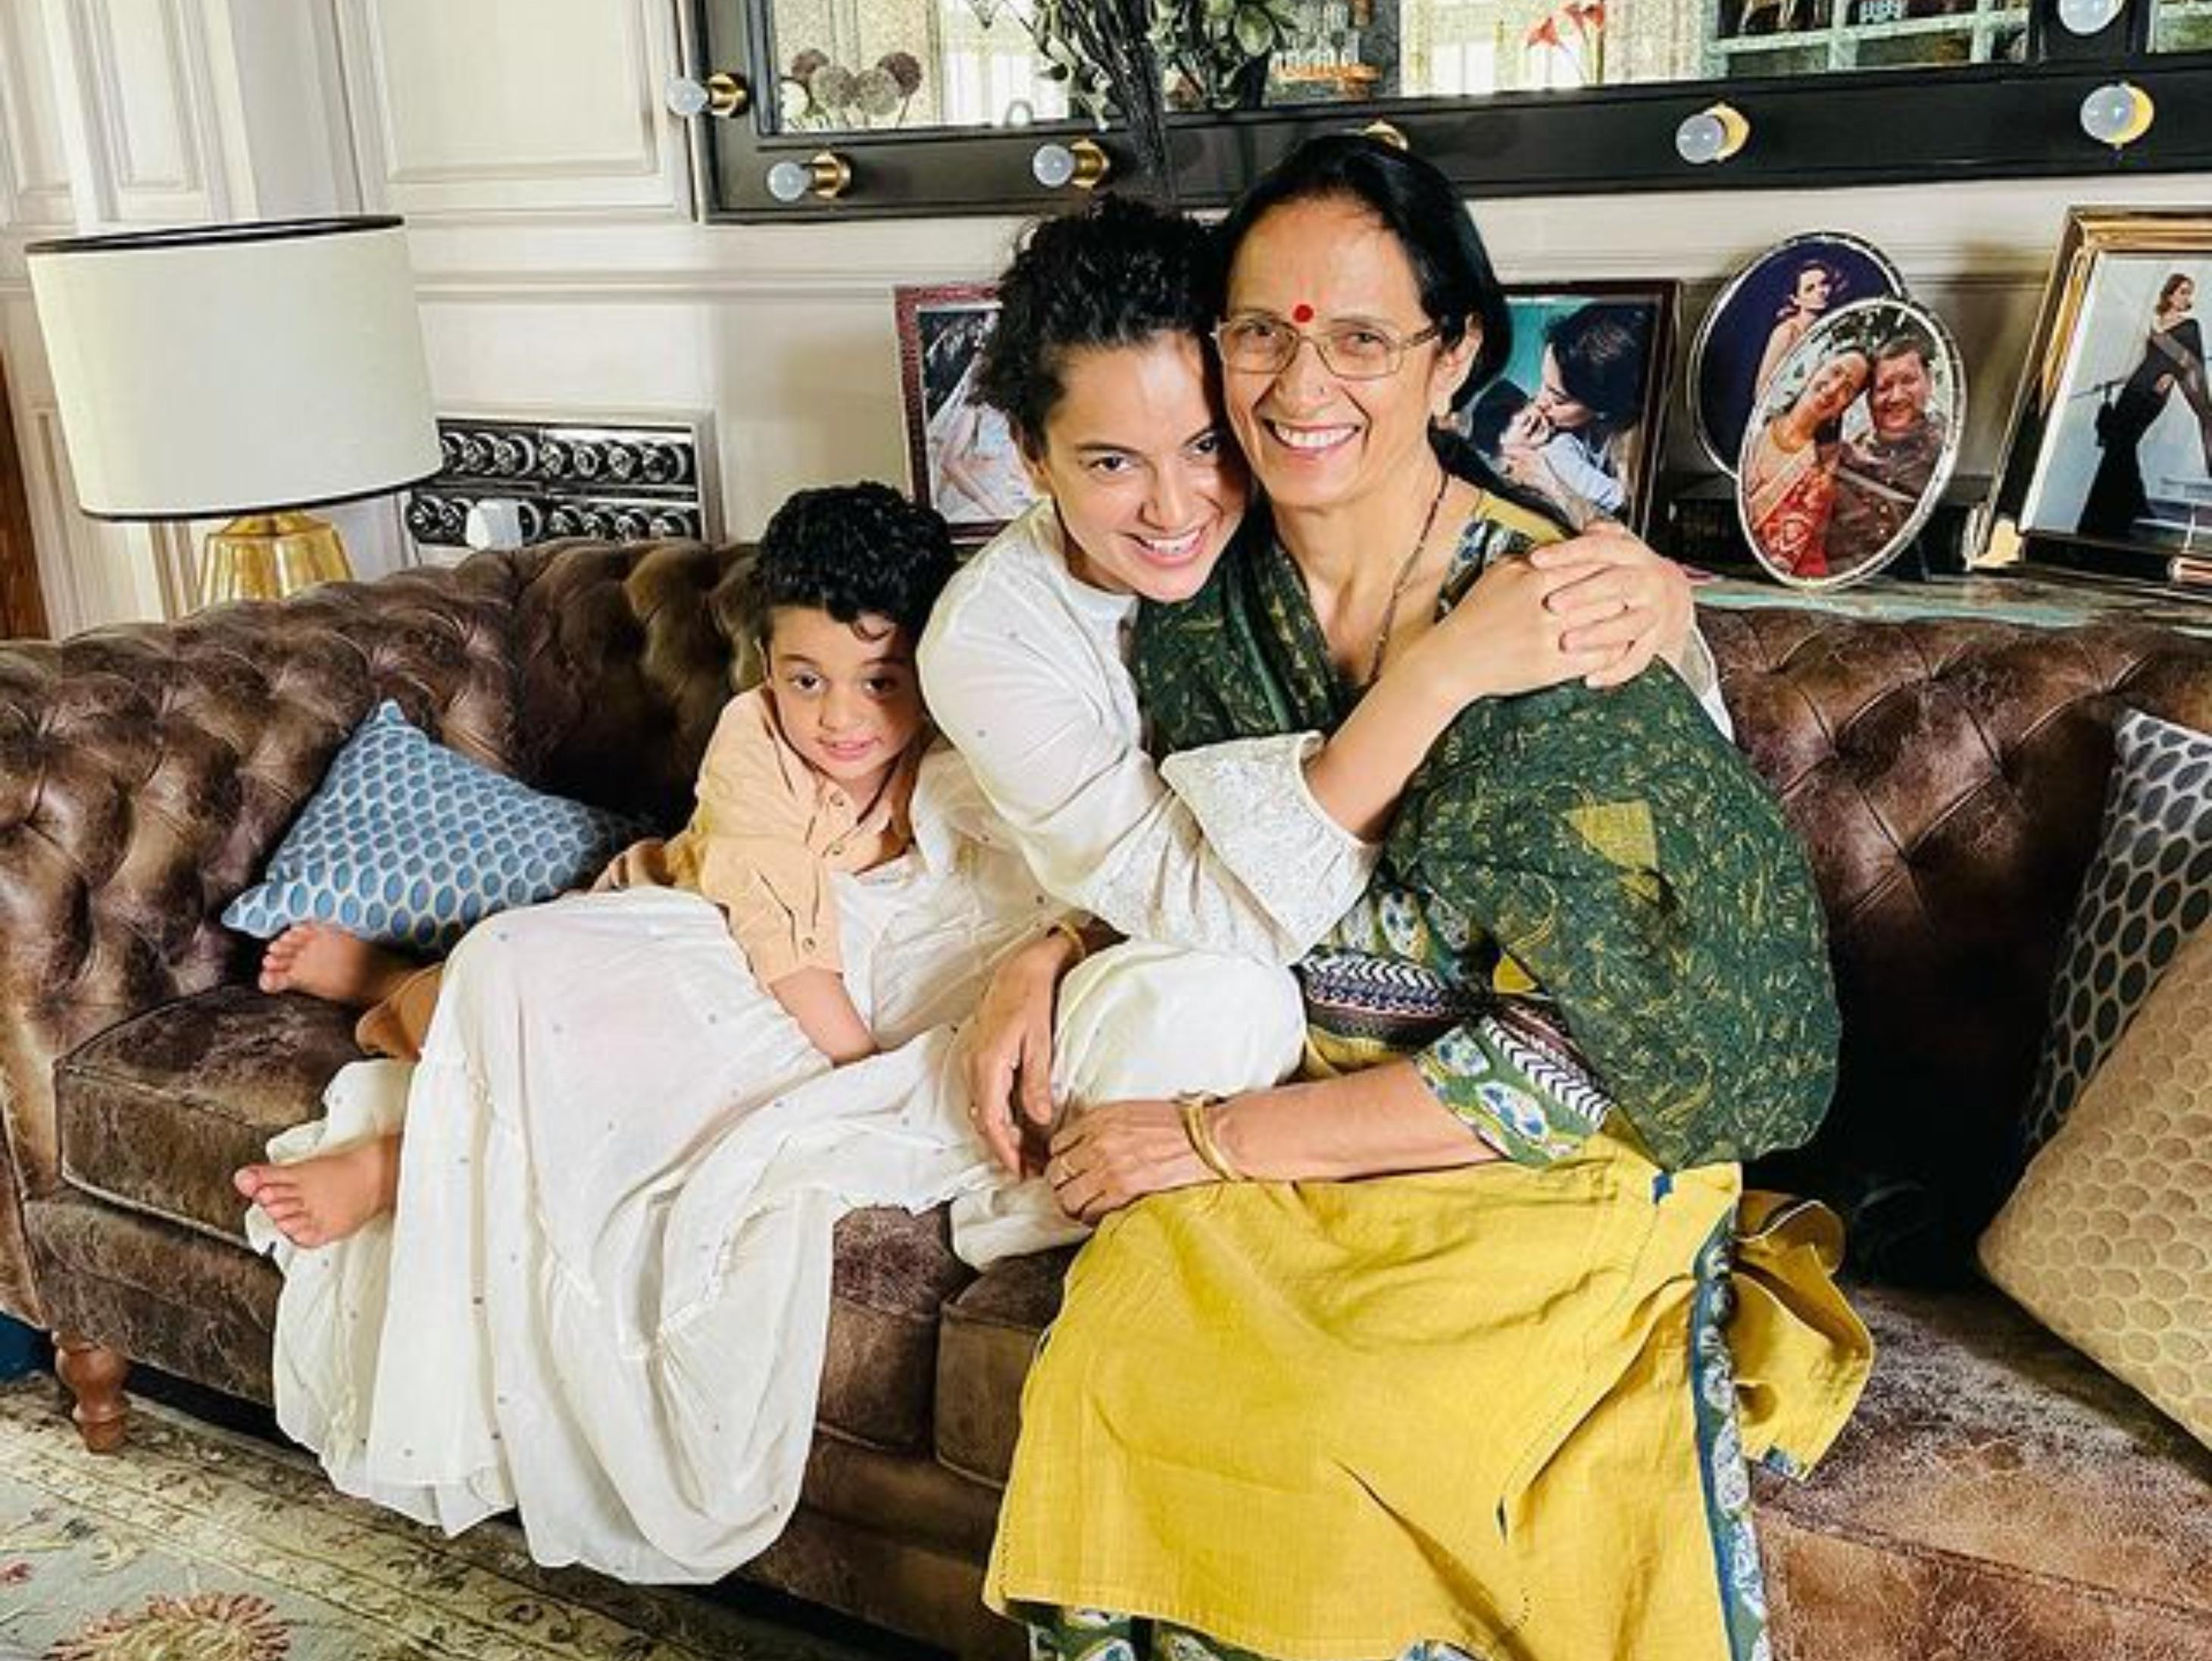 कंगना ने योग की मदद से नहीं होने दी मां की ओपन हार्ट सर्जरी, बोलीं- शुगर-थाइरॉयड जैसी बीमारियां 2 महीने में ठीक हुईं|बॉलीवुड,Bollywood - Dainik Bhaskar